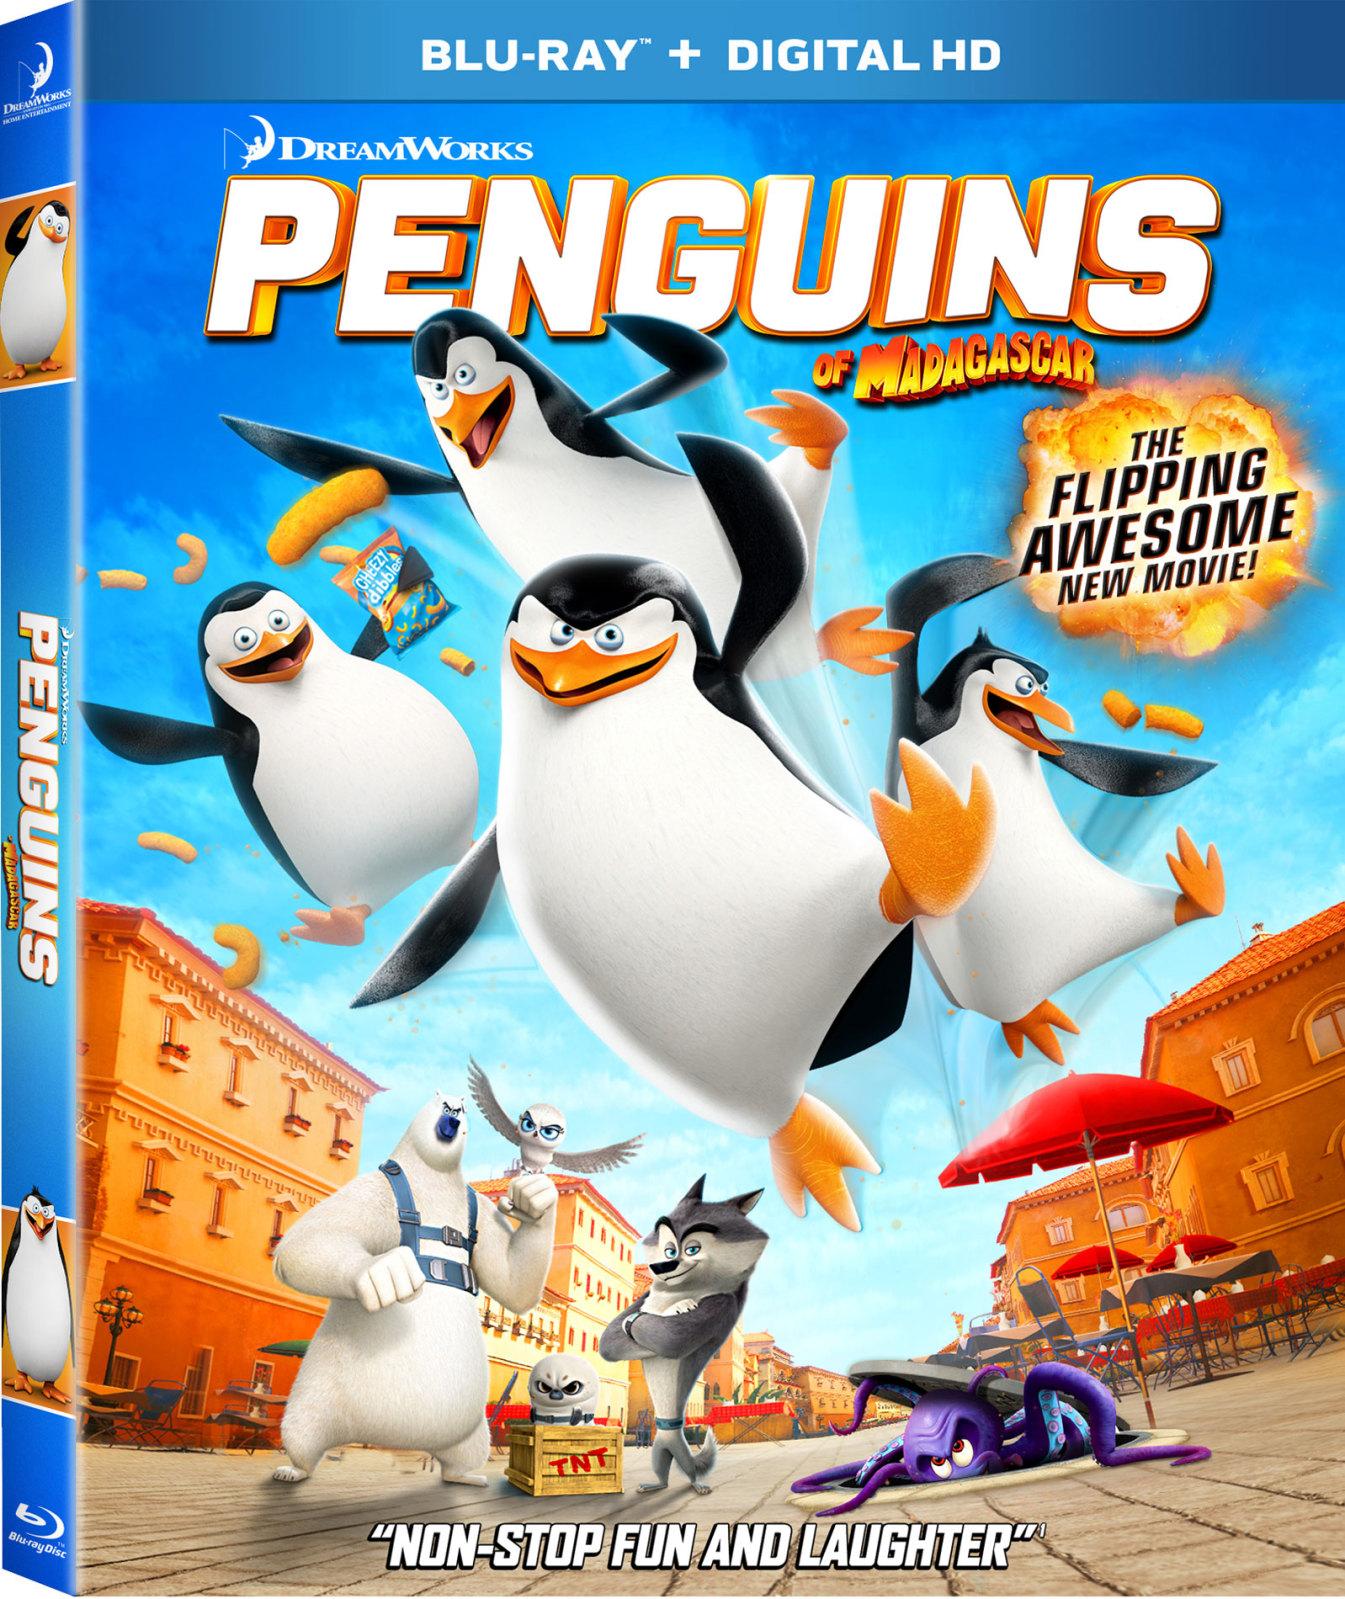 Penguins of Madagascar-Blu-ray